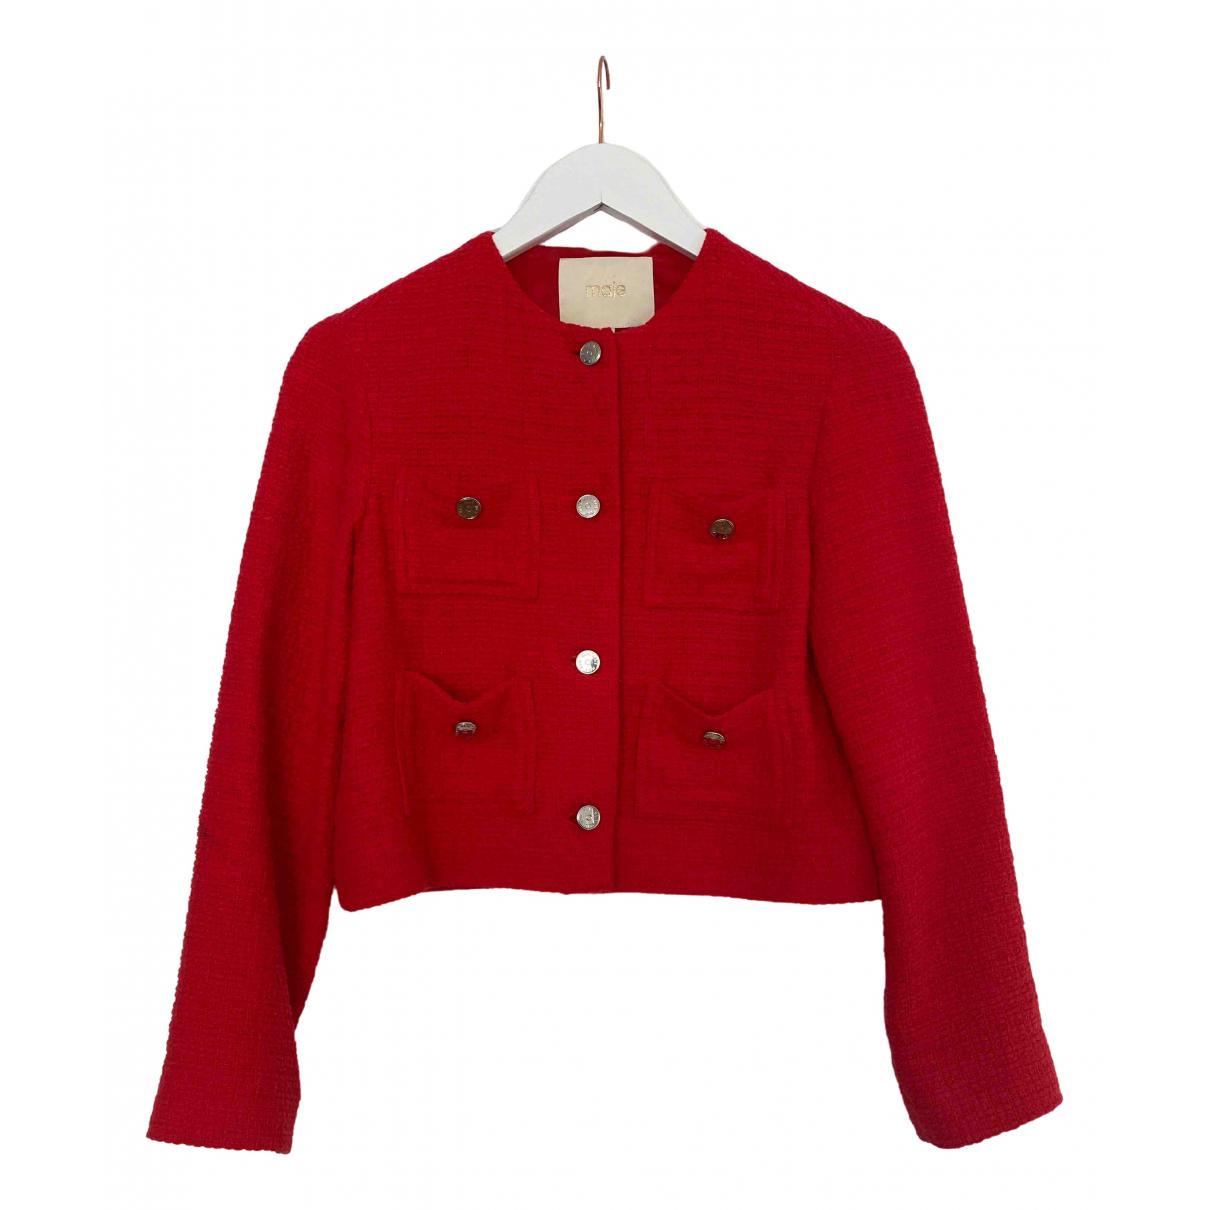 Maje \N Jacke in  Rot Baumwolle